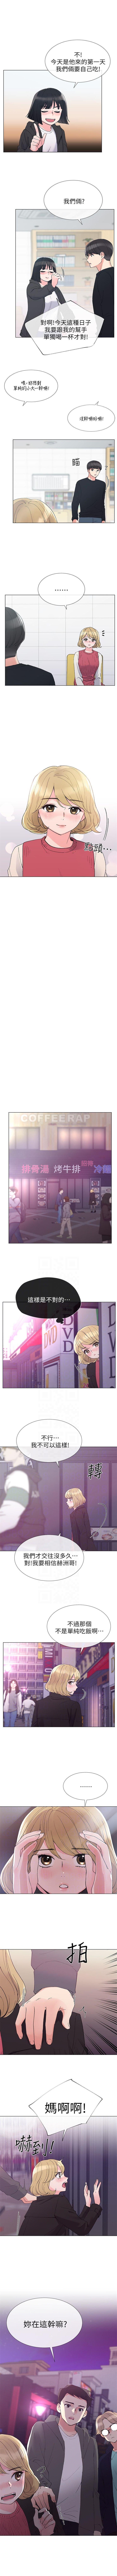 重考生 1-44 中文翻译(更新中) 194